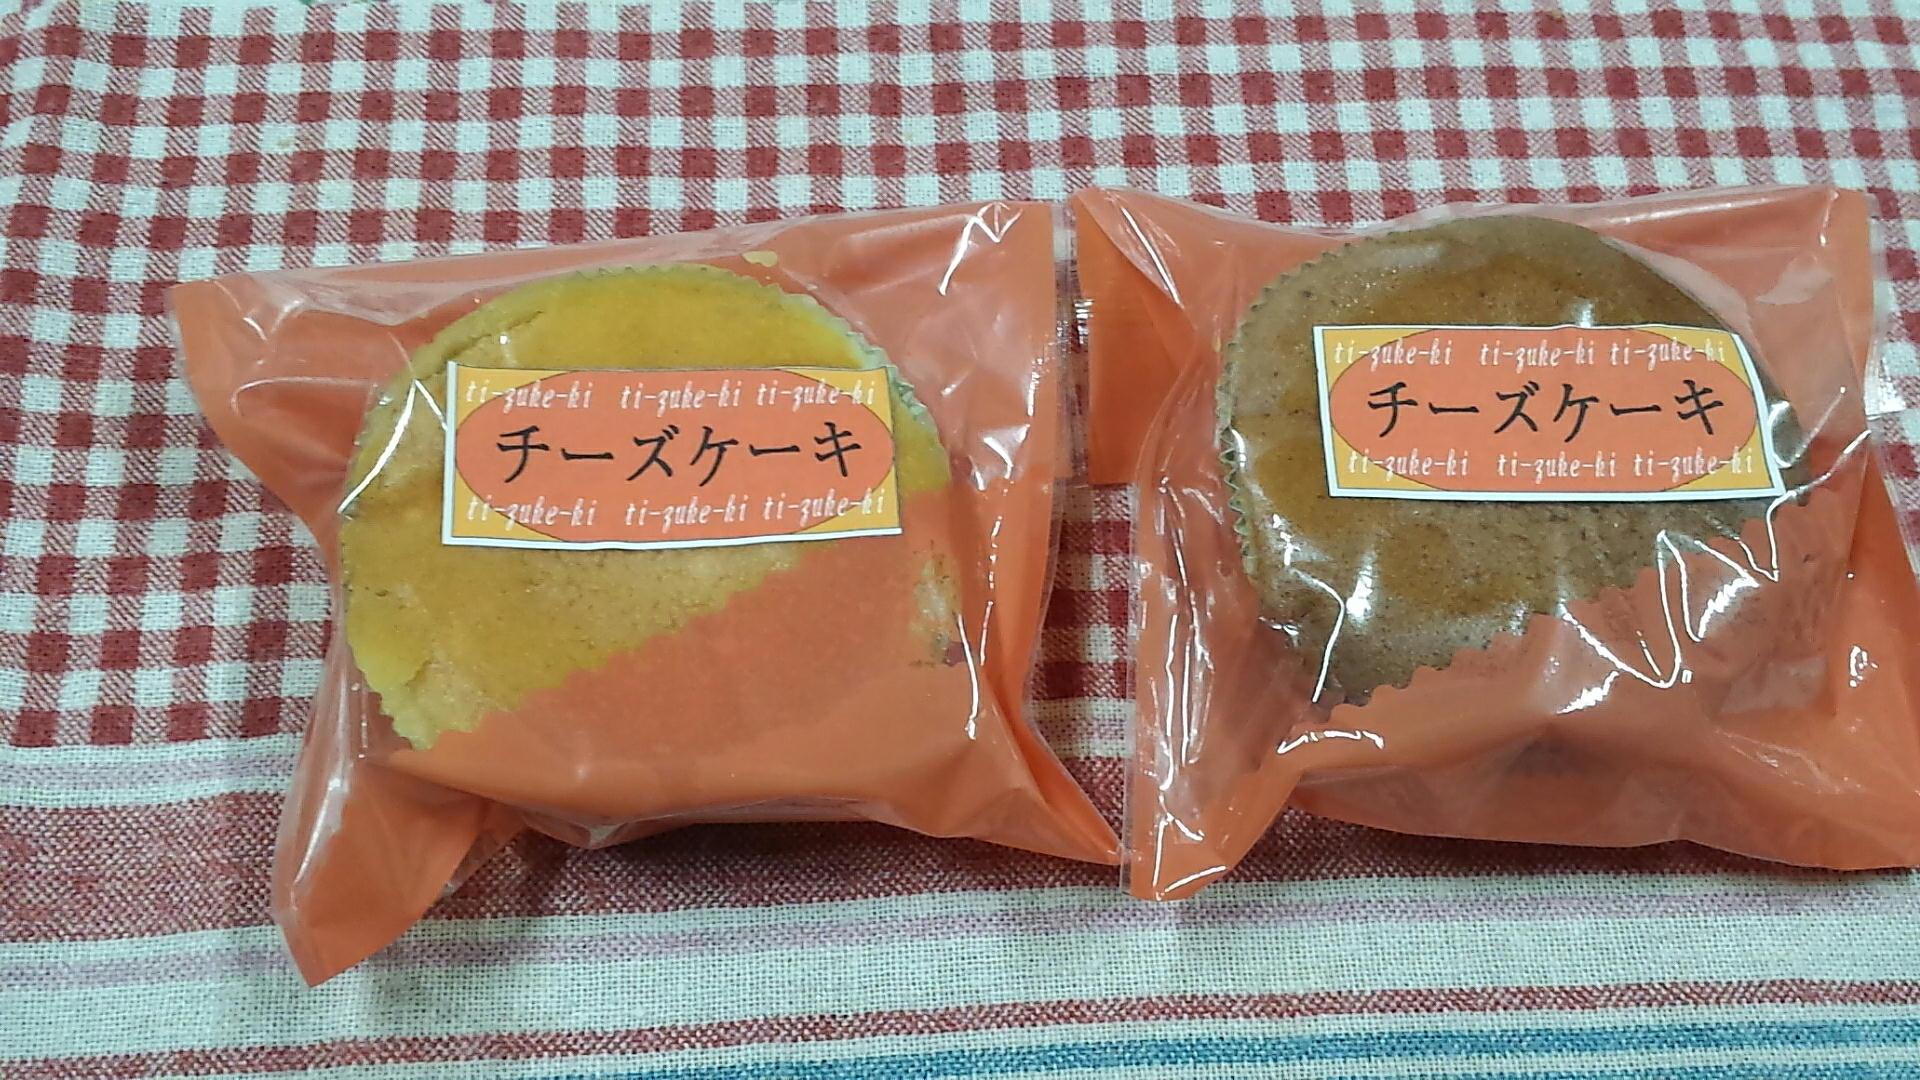 和洋菓子のモンブラン 斜里店